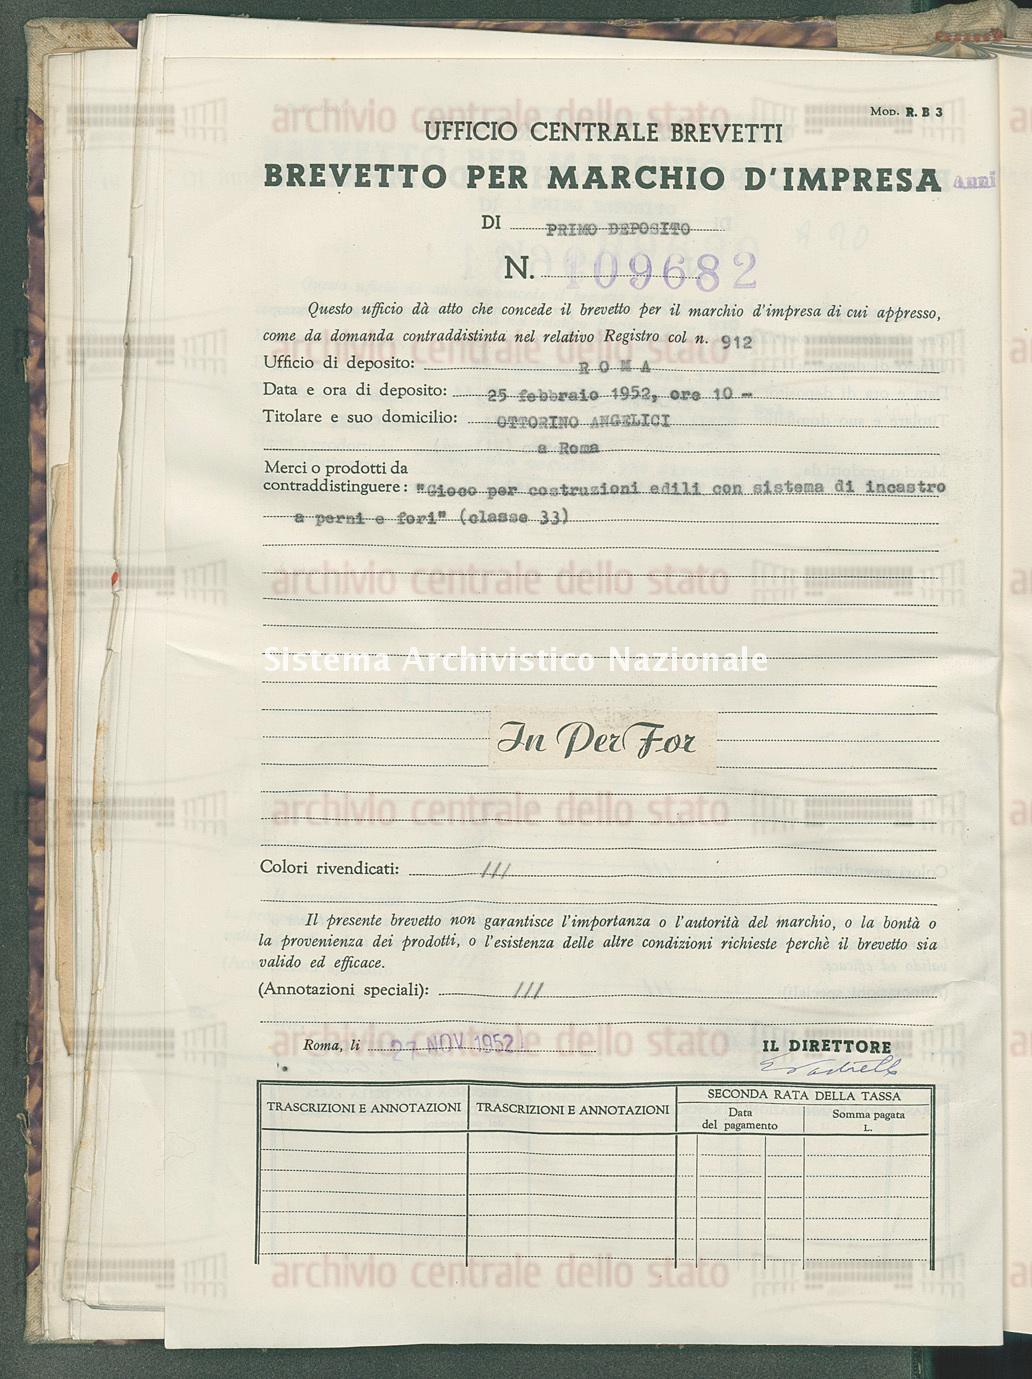 'Gioco per costruzioni edili con sistema di incastro a perni e fori' Ottorino Angelici (27/11/1952)